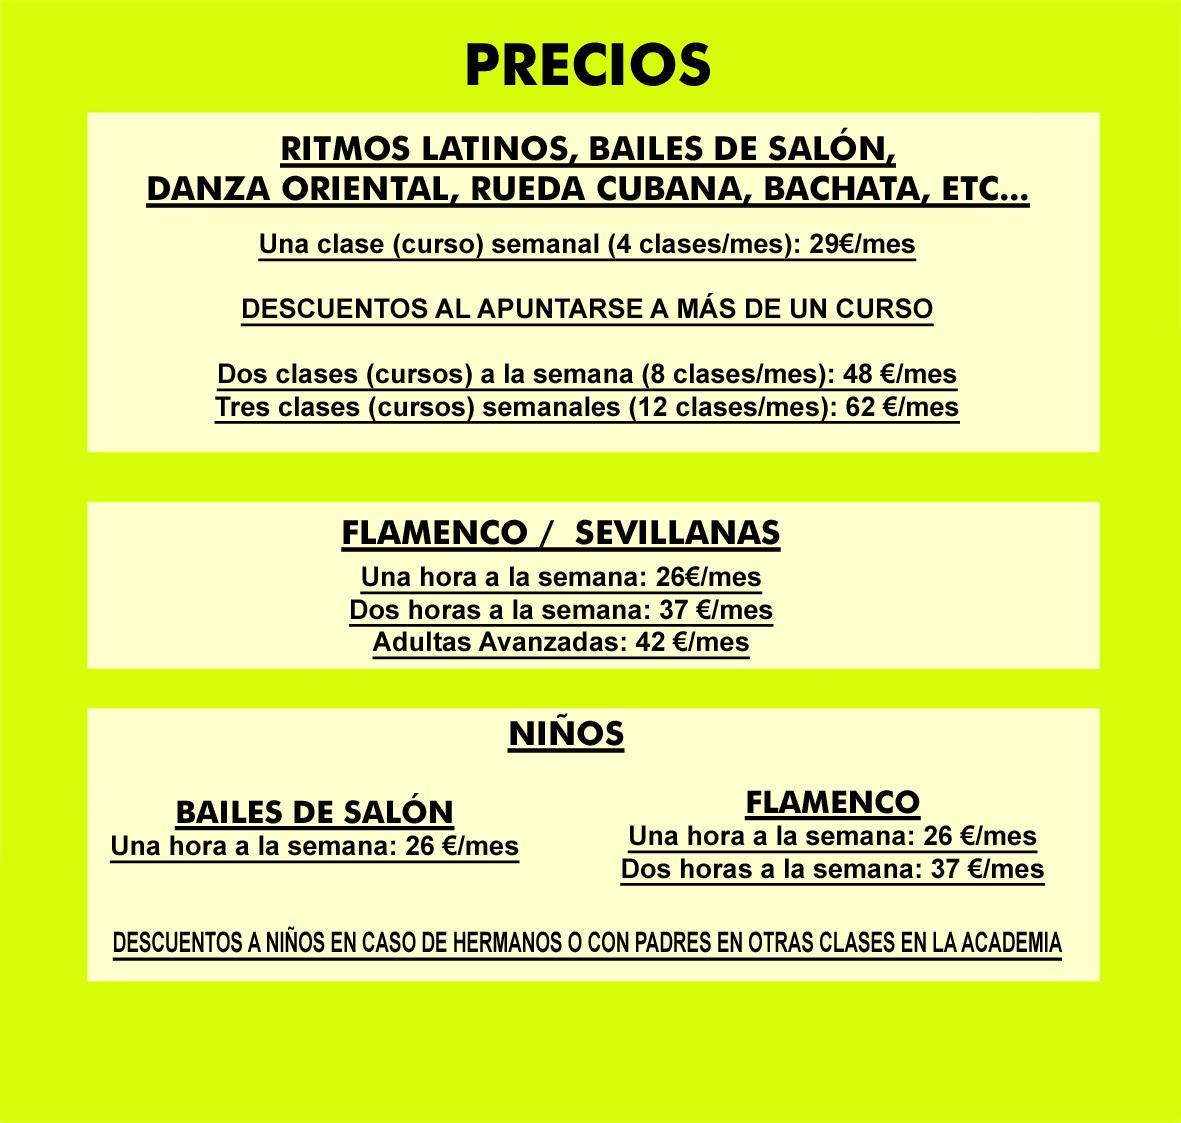 Precios_clases 2019-20 copia.jpg